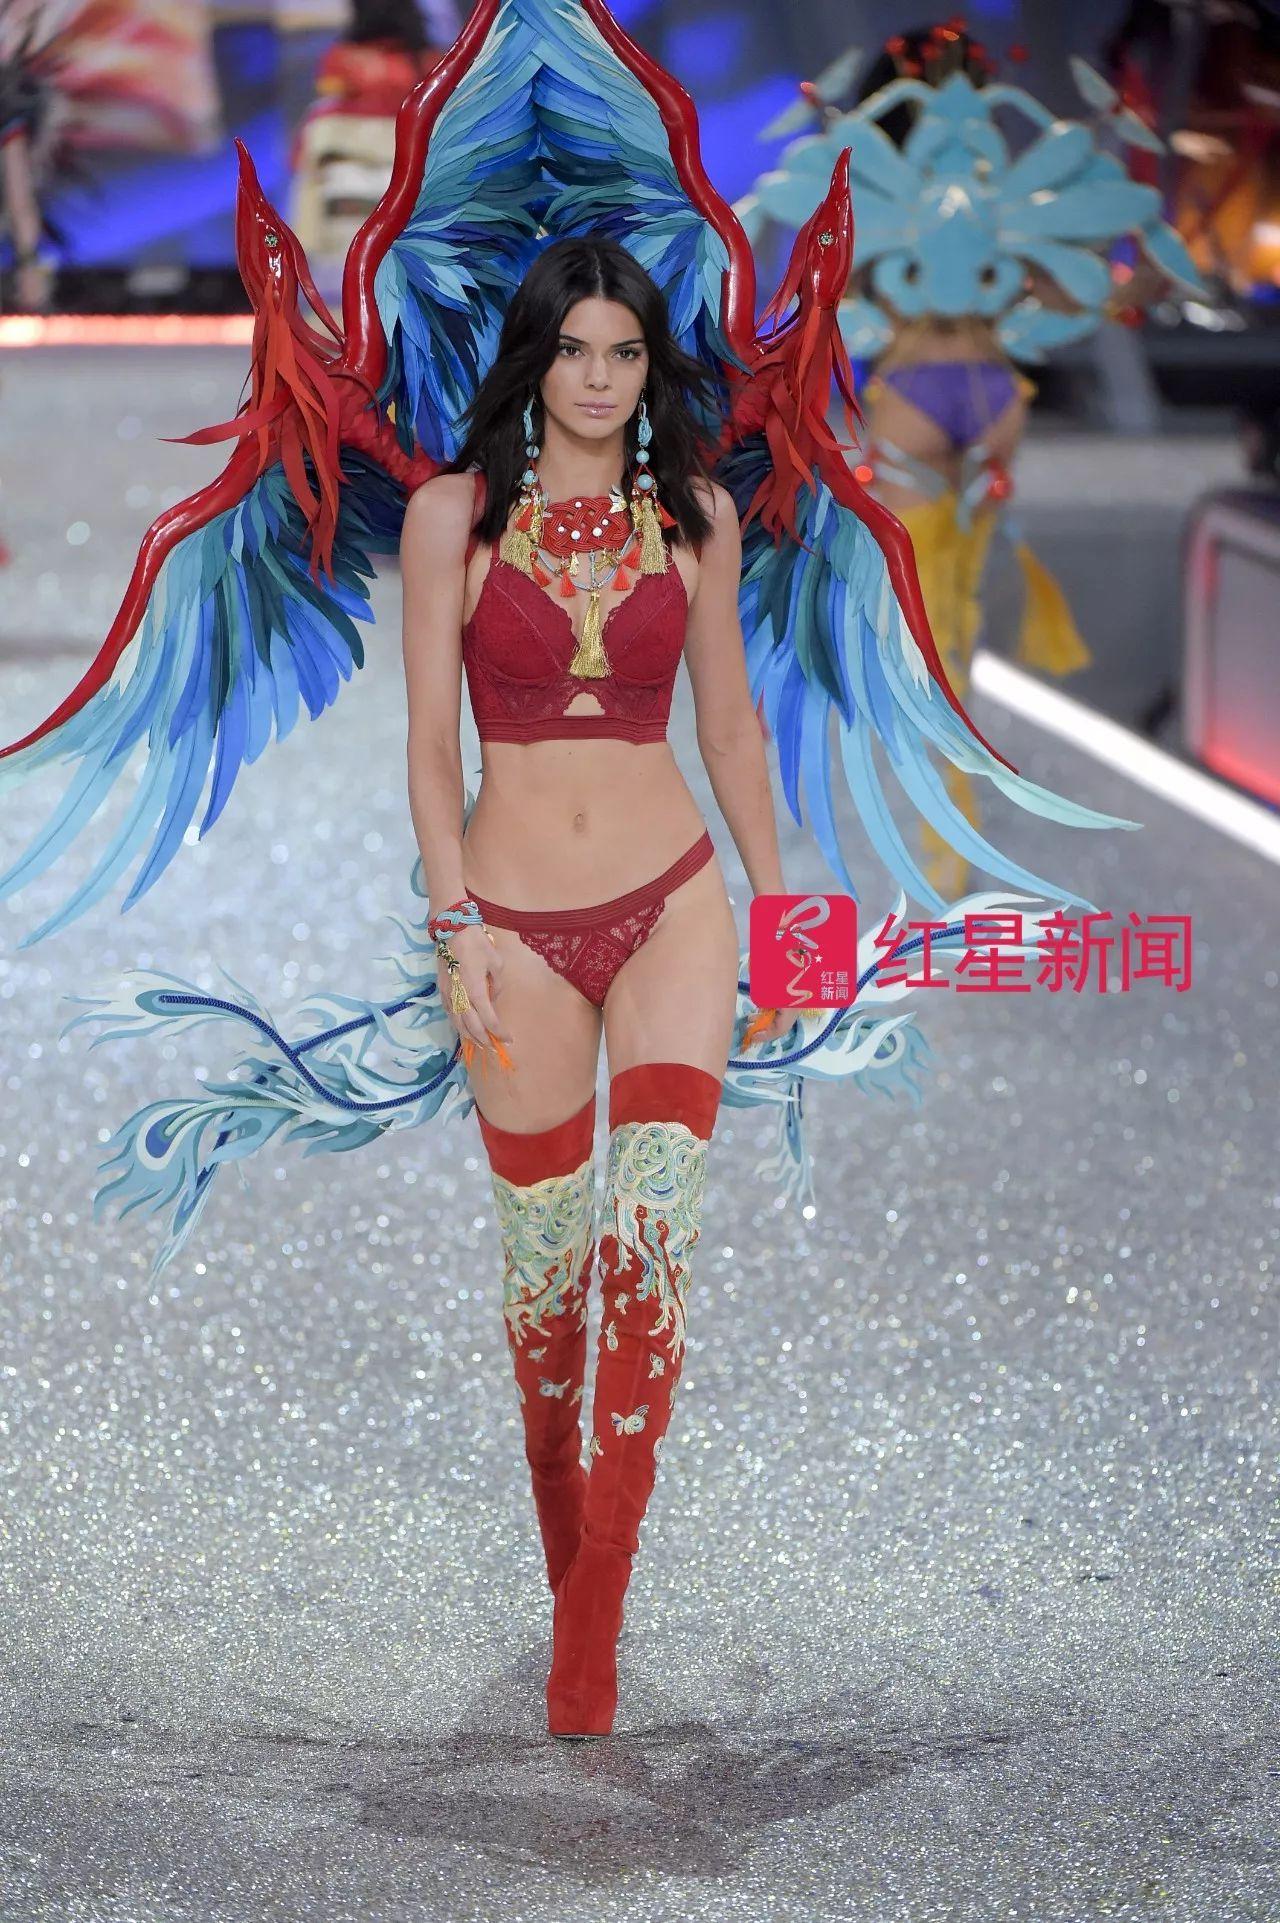 超模奚梦瑶摔倒之外的维密中国商机:某网店销量最高的是这类胸罩